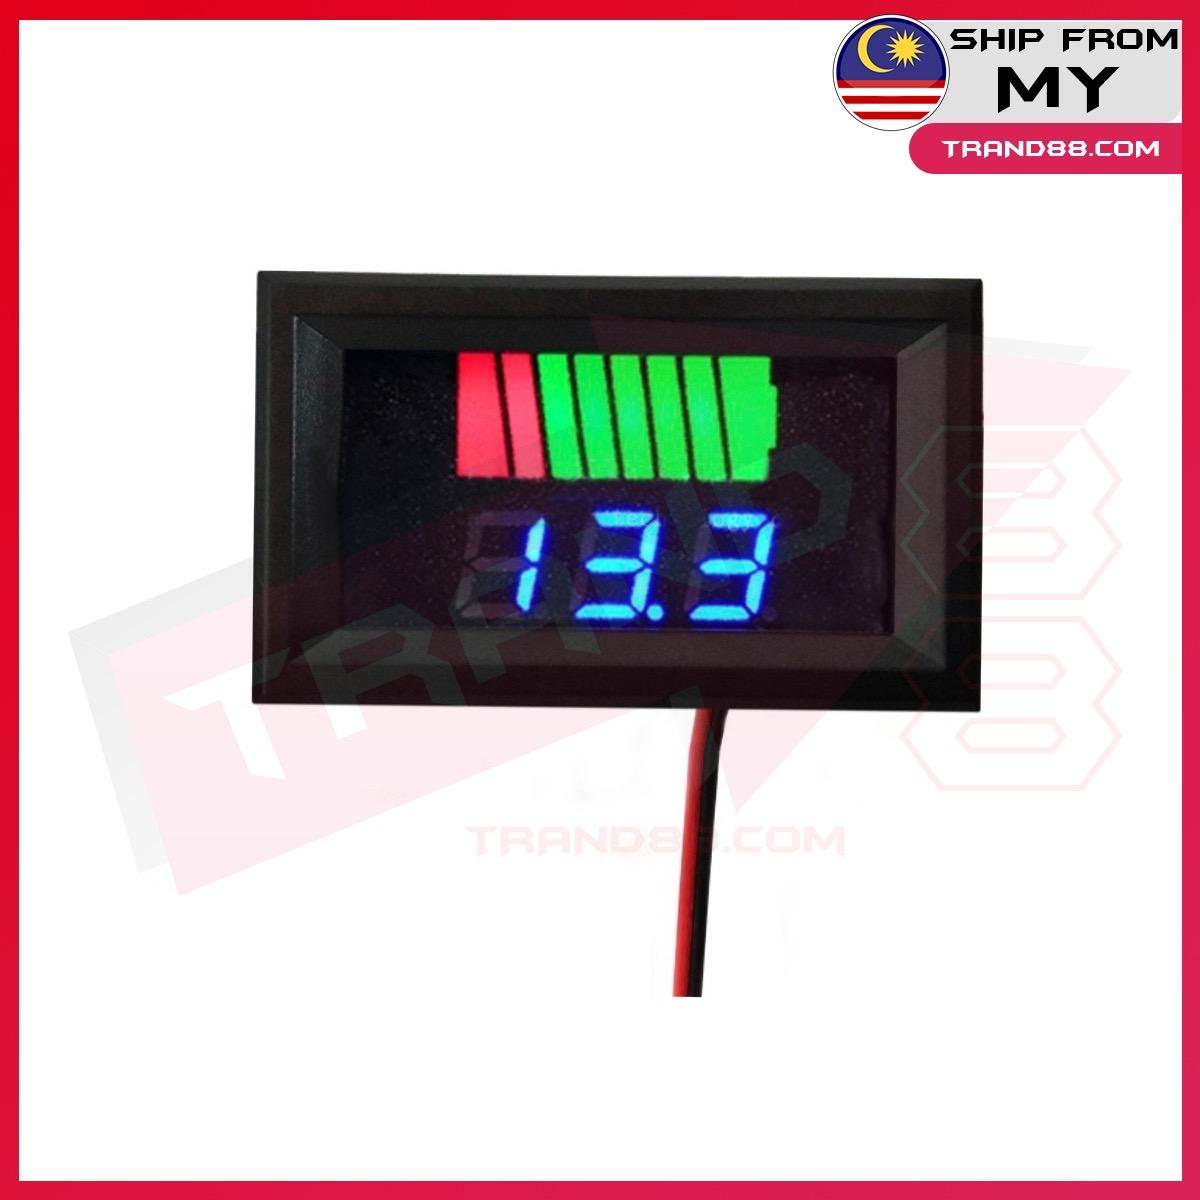 Electric Vehicle Fuel Gauge Lithium Battery Fuel Gauge 12V 24V 36V 48V 60V Universal